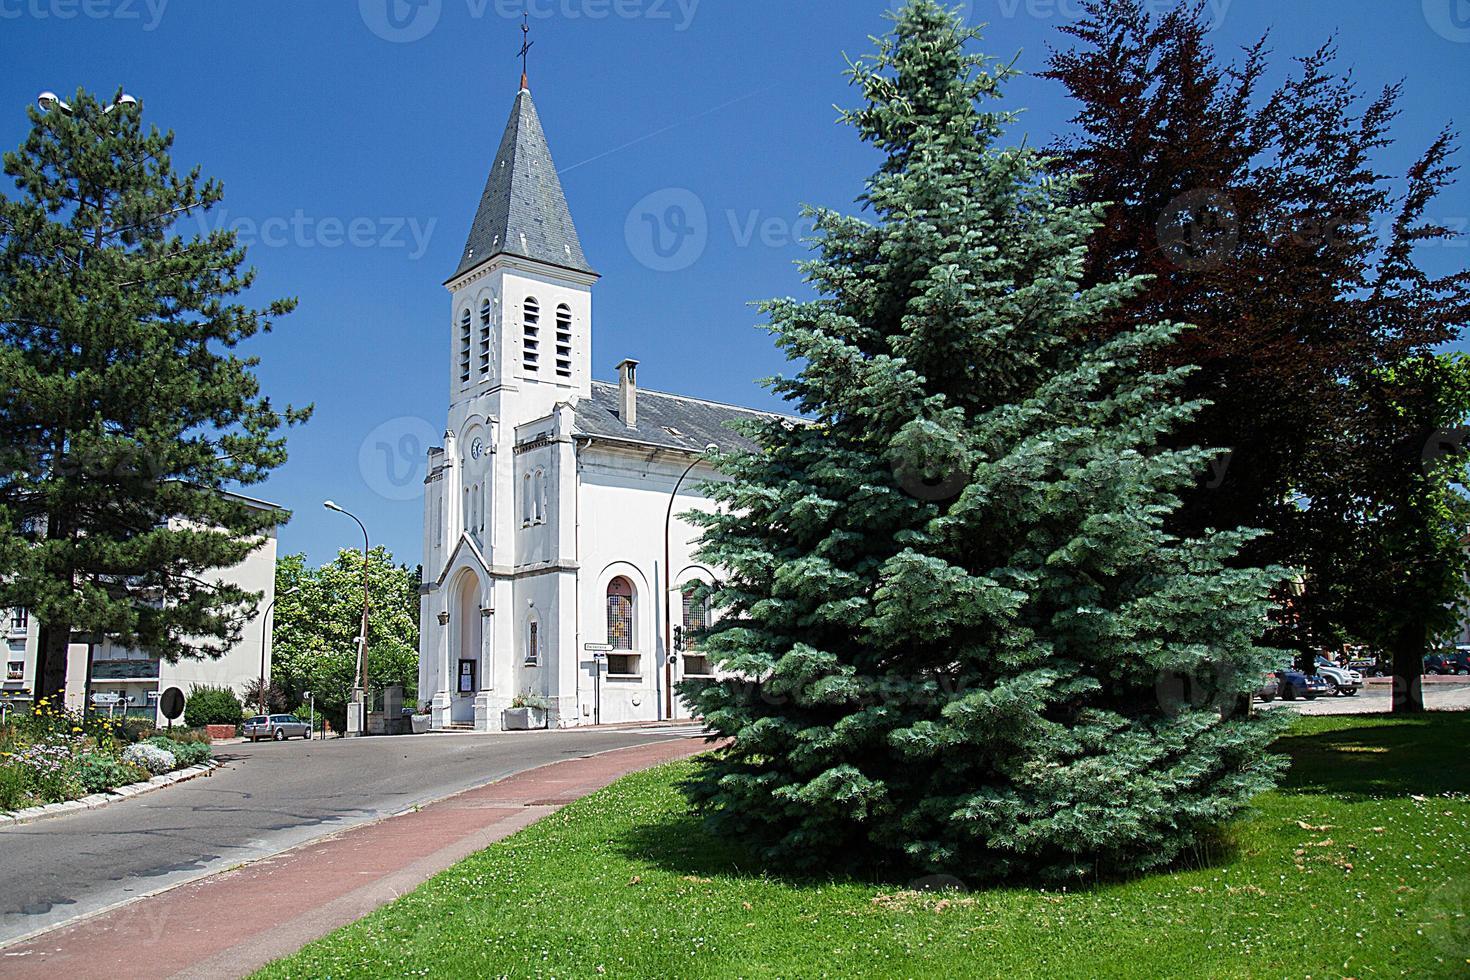 kerk van het dorp foto